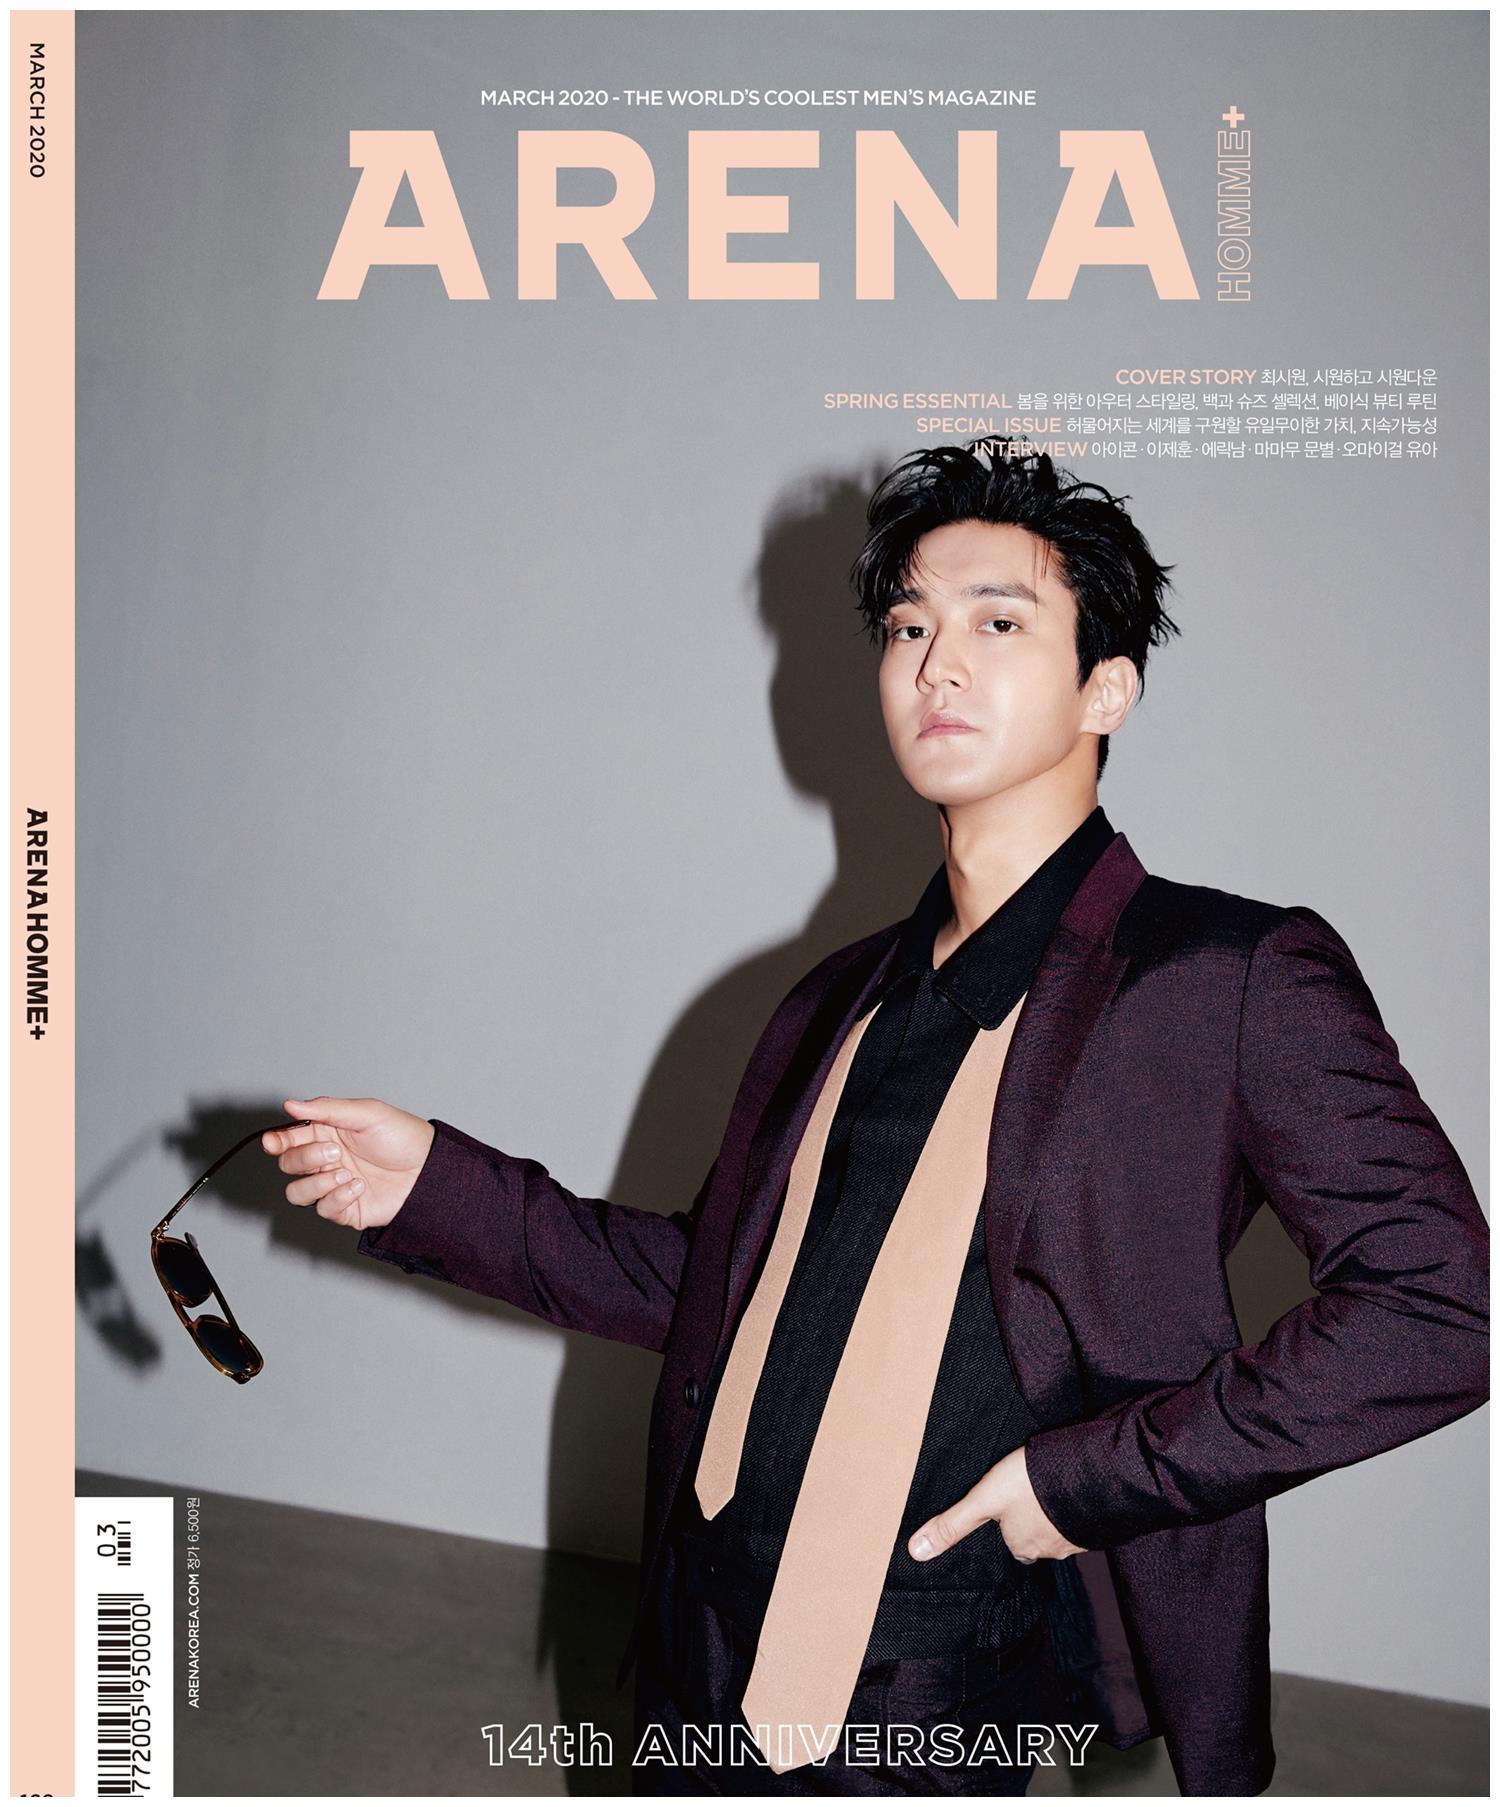 崔始源登上时尚杂志《Arena》创刊14周年纪念封面!